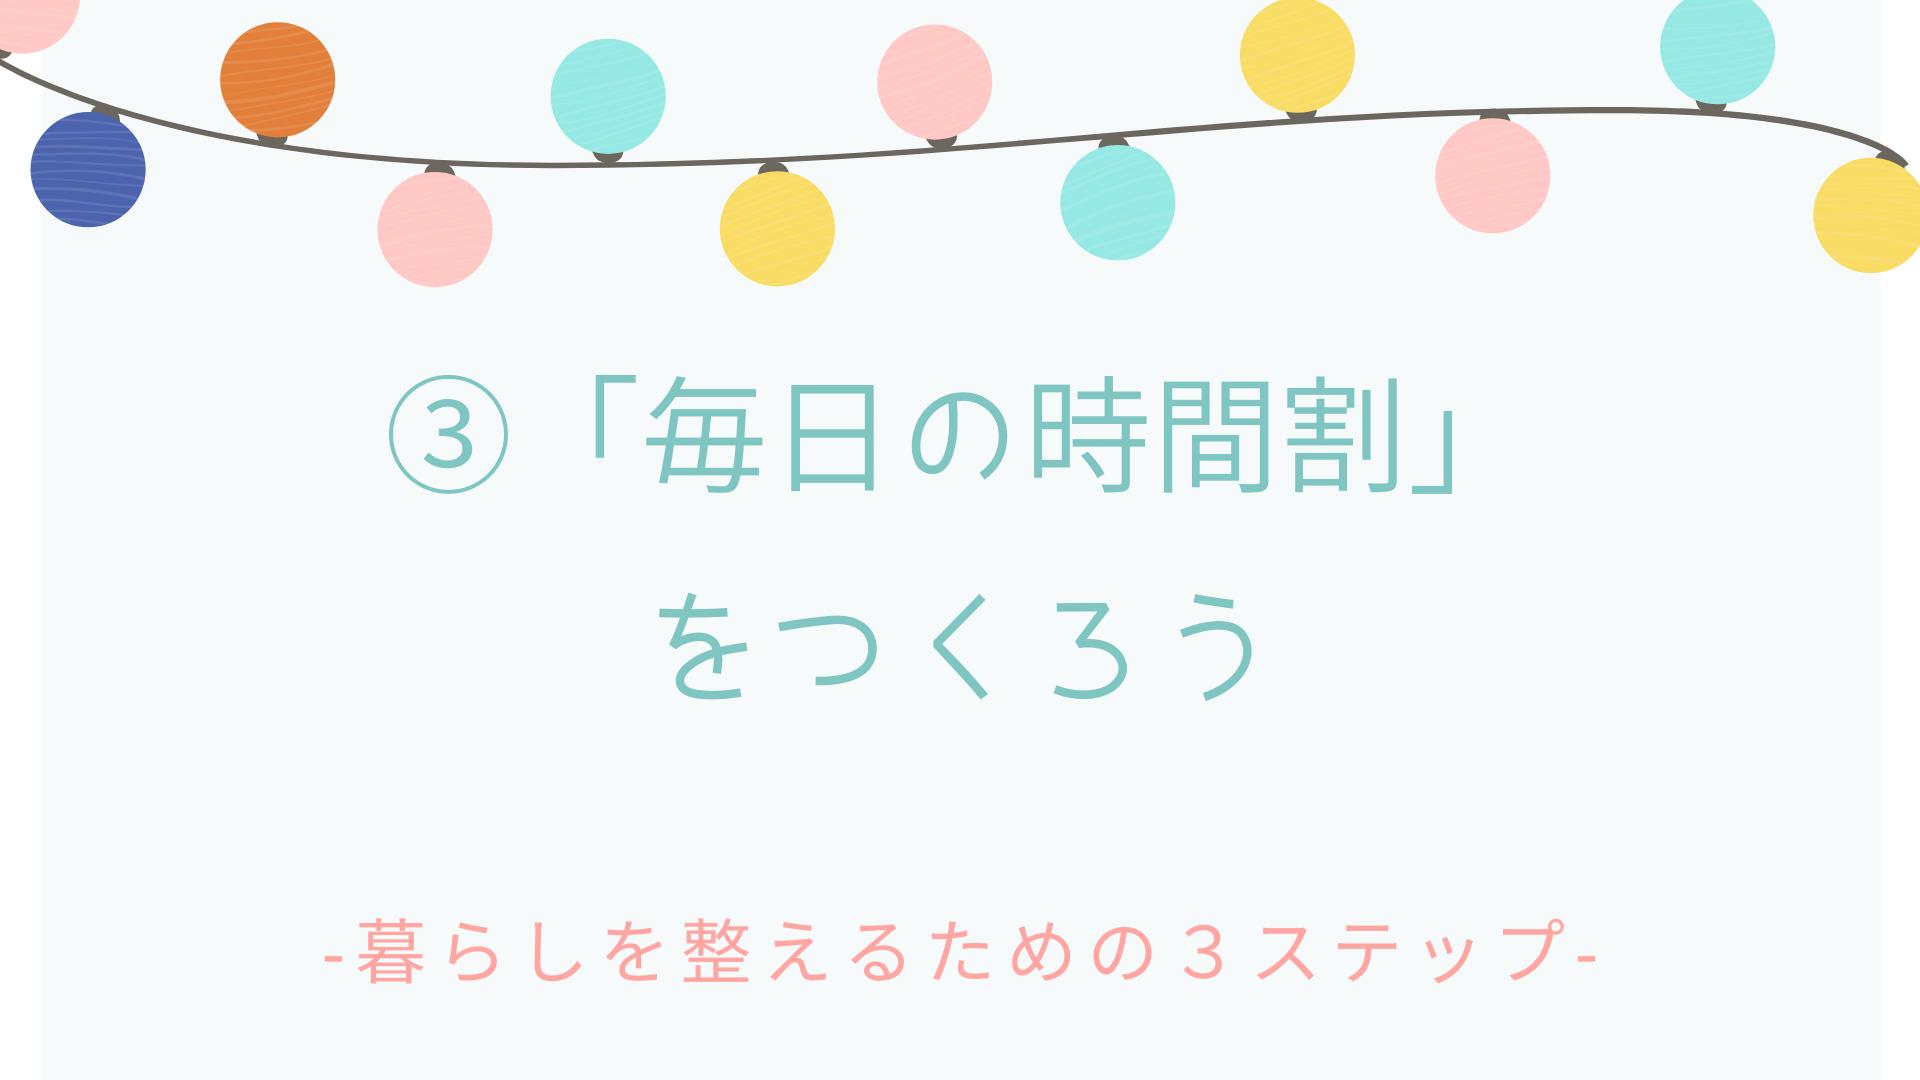 【ワーク】暮らしを整えるための3ステップ③